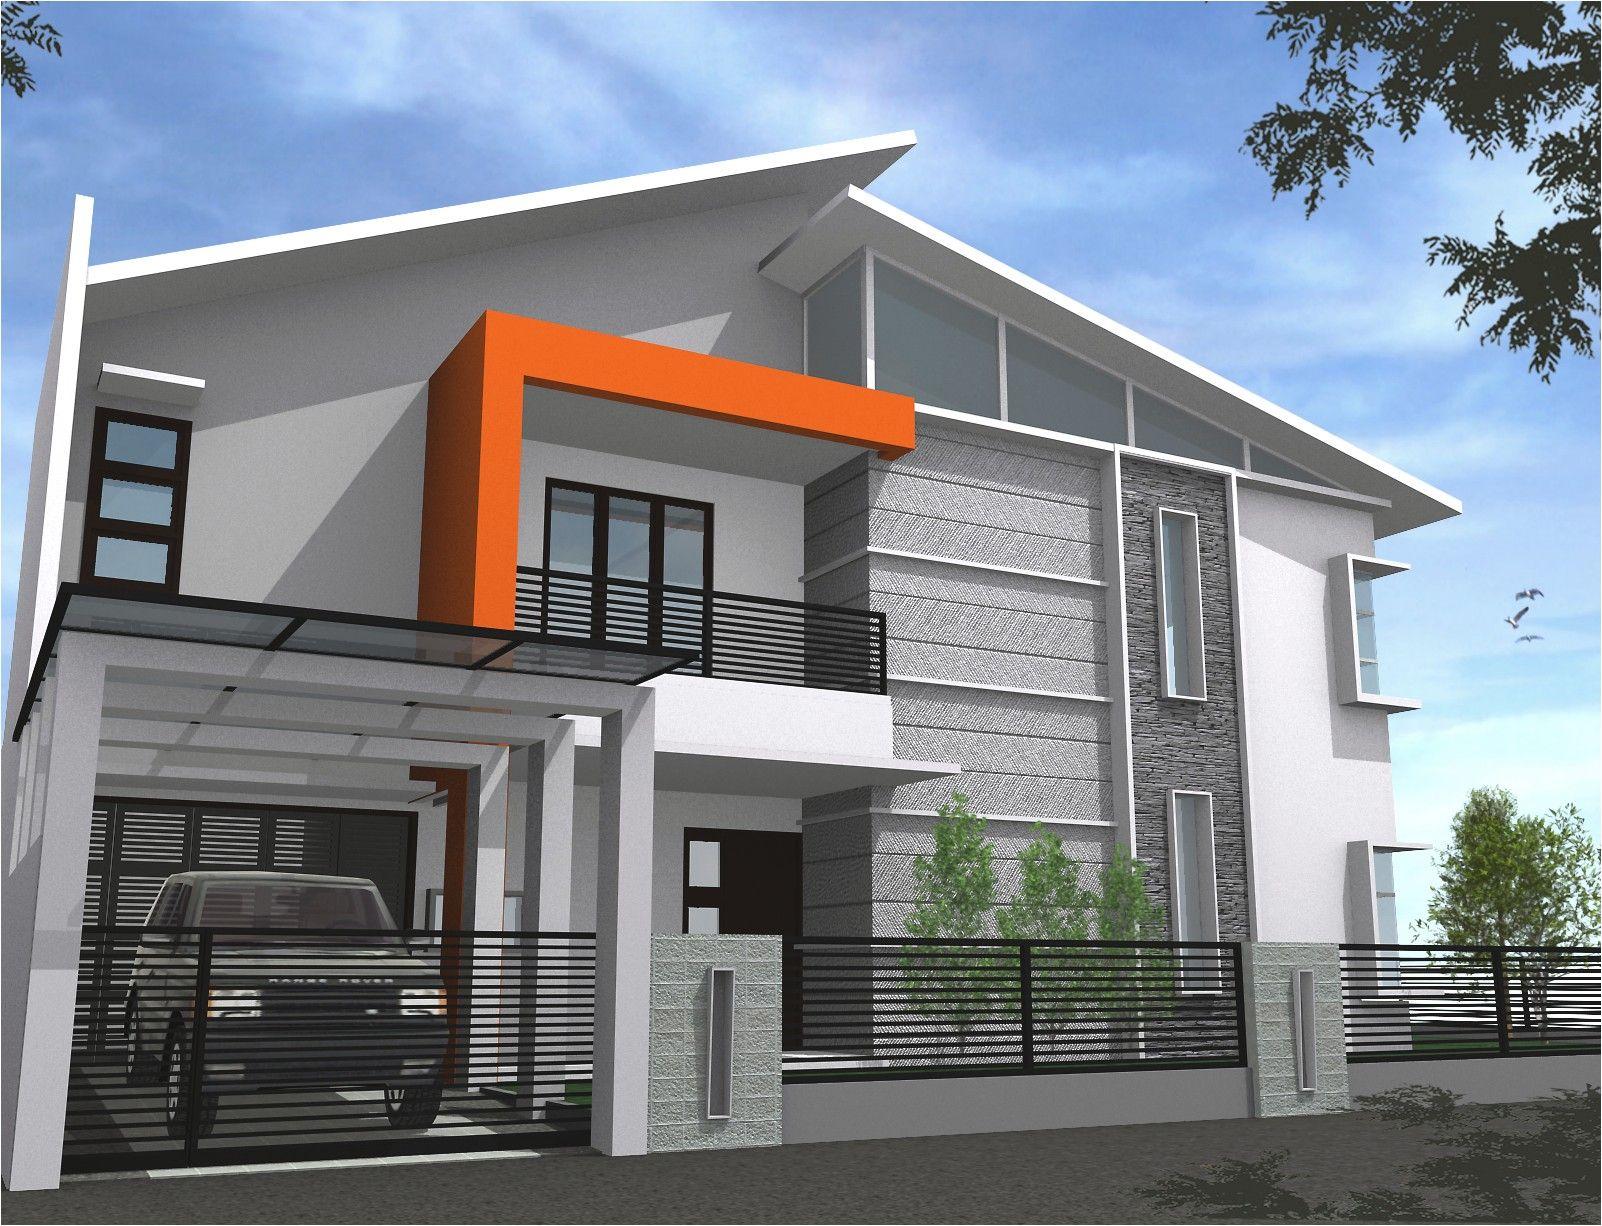 Gambar Model Pagar Rumah Minimalis 2015 Desain Rumah Modern Rumah Minimalis Arsitektur Modern